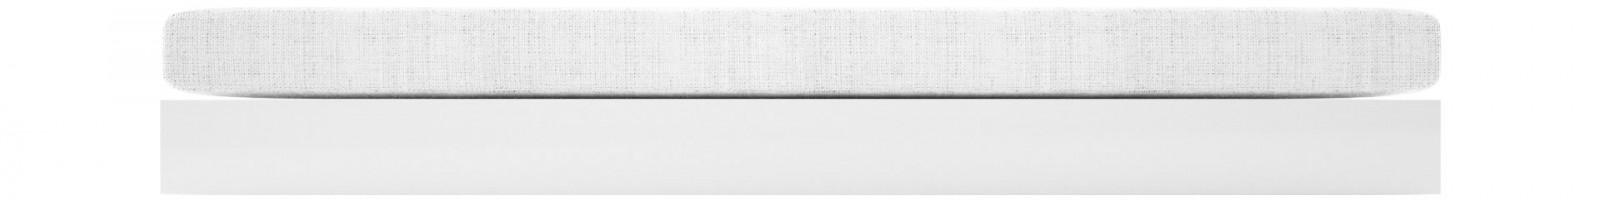 bett silentium puristisches design bett von rechteck. Black Bedroom Furniture Sets. Home Design Ideas